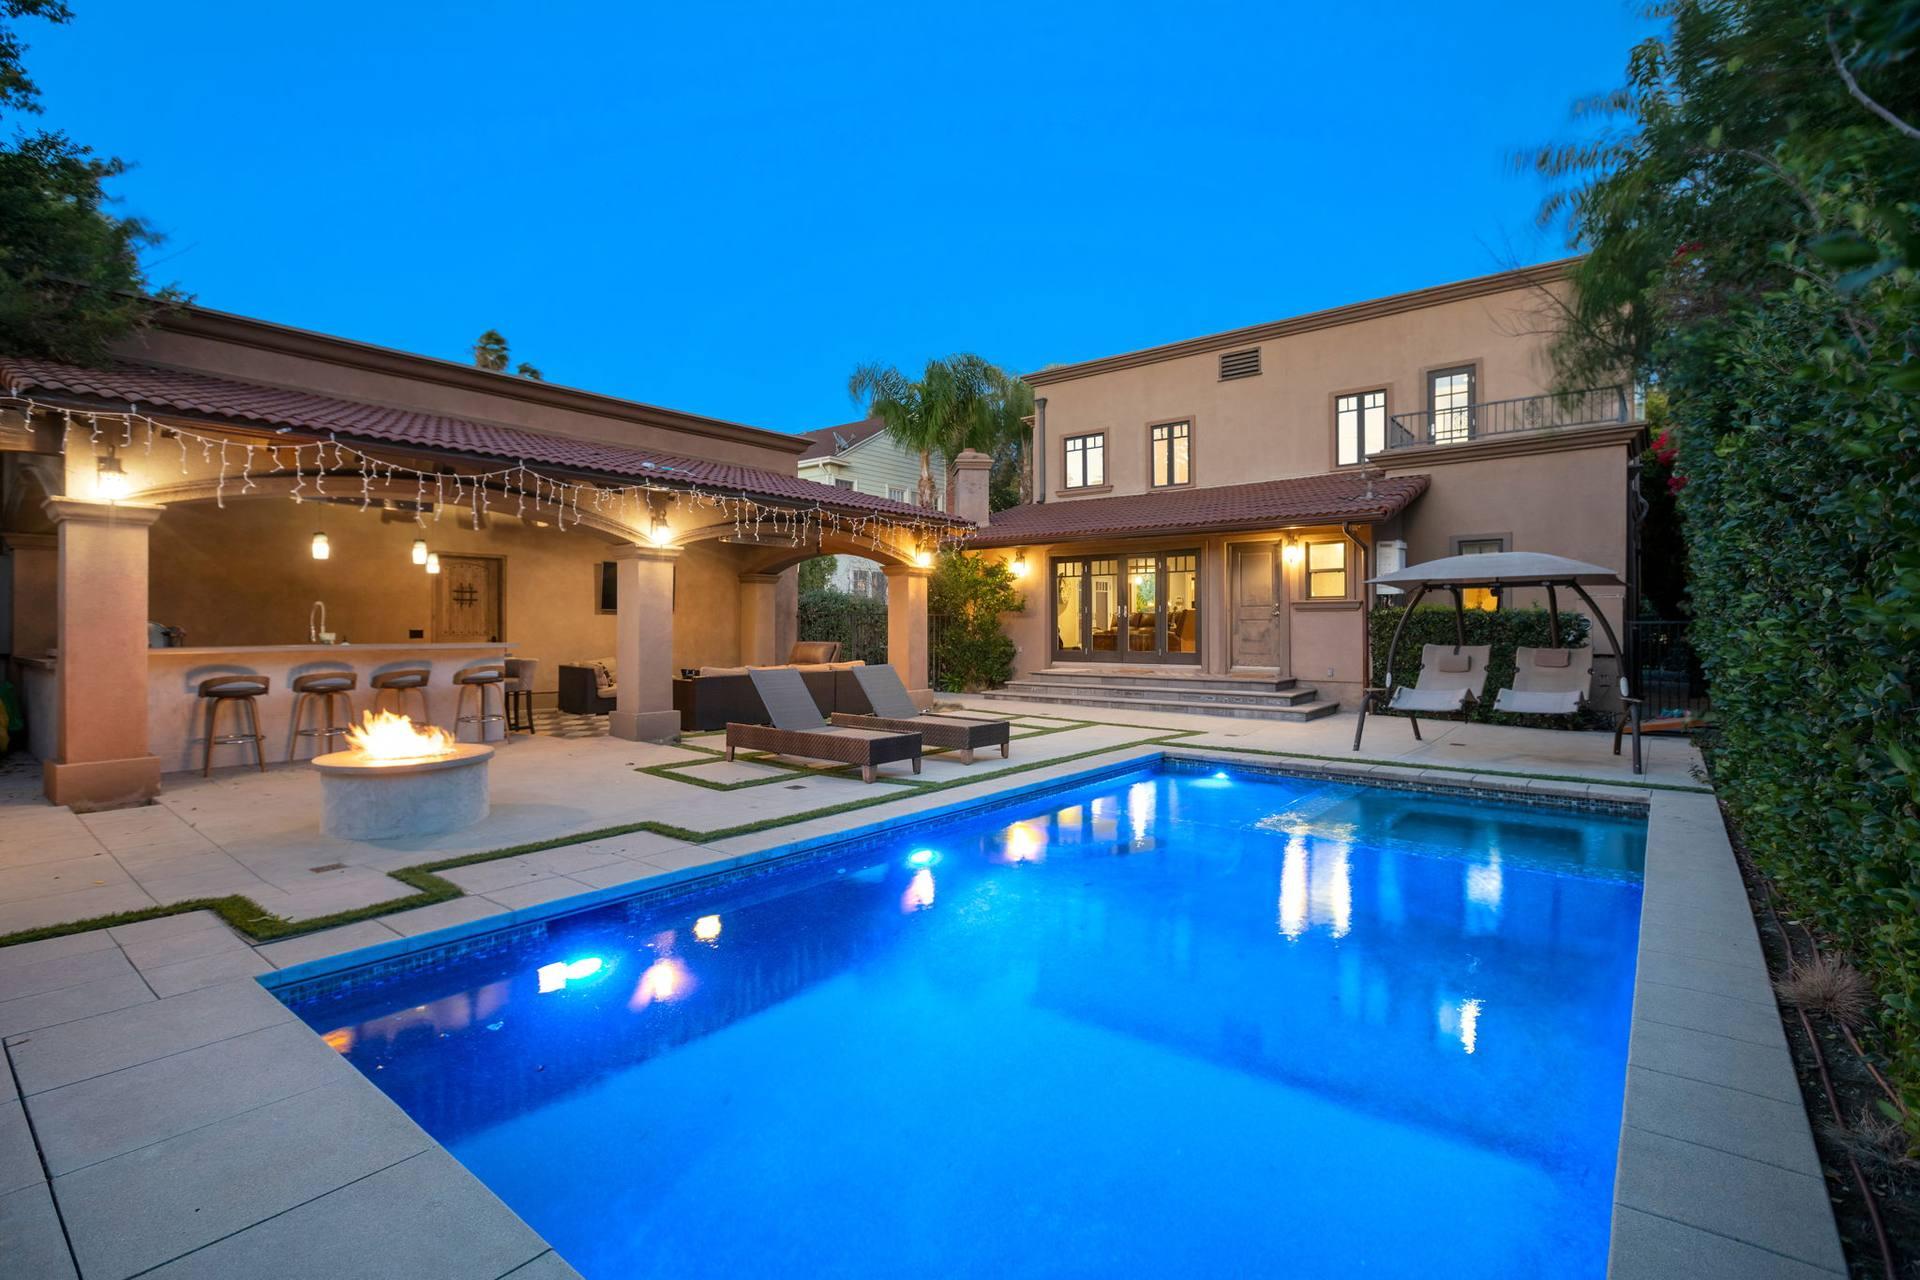 1933 N Hobart Blvd, Los Angeles, CA 90027, US